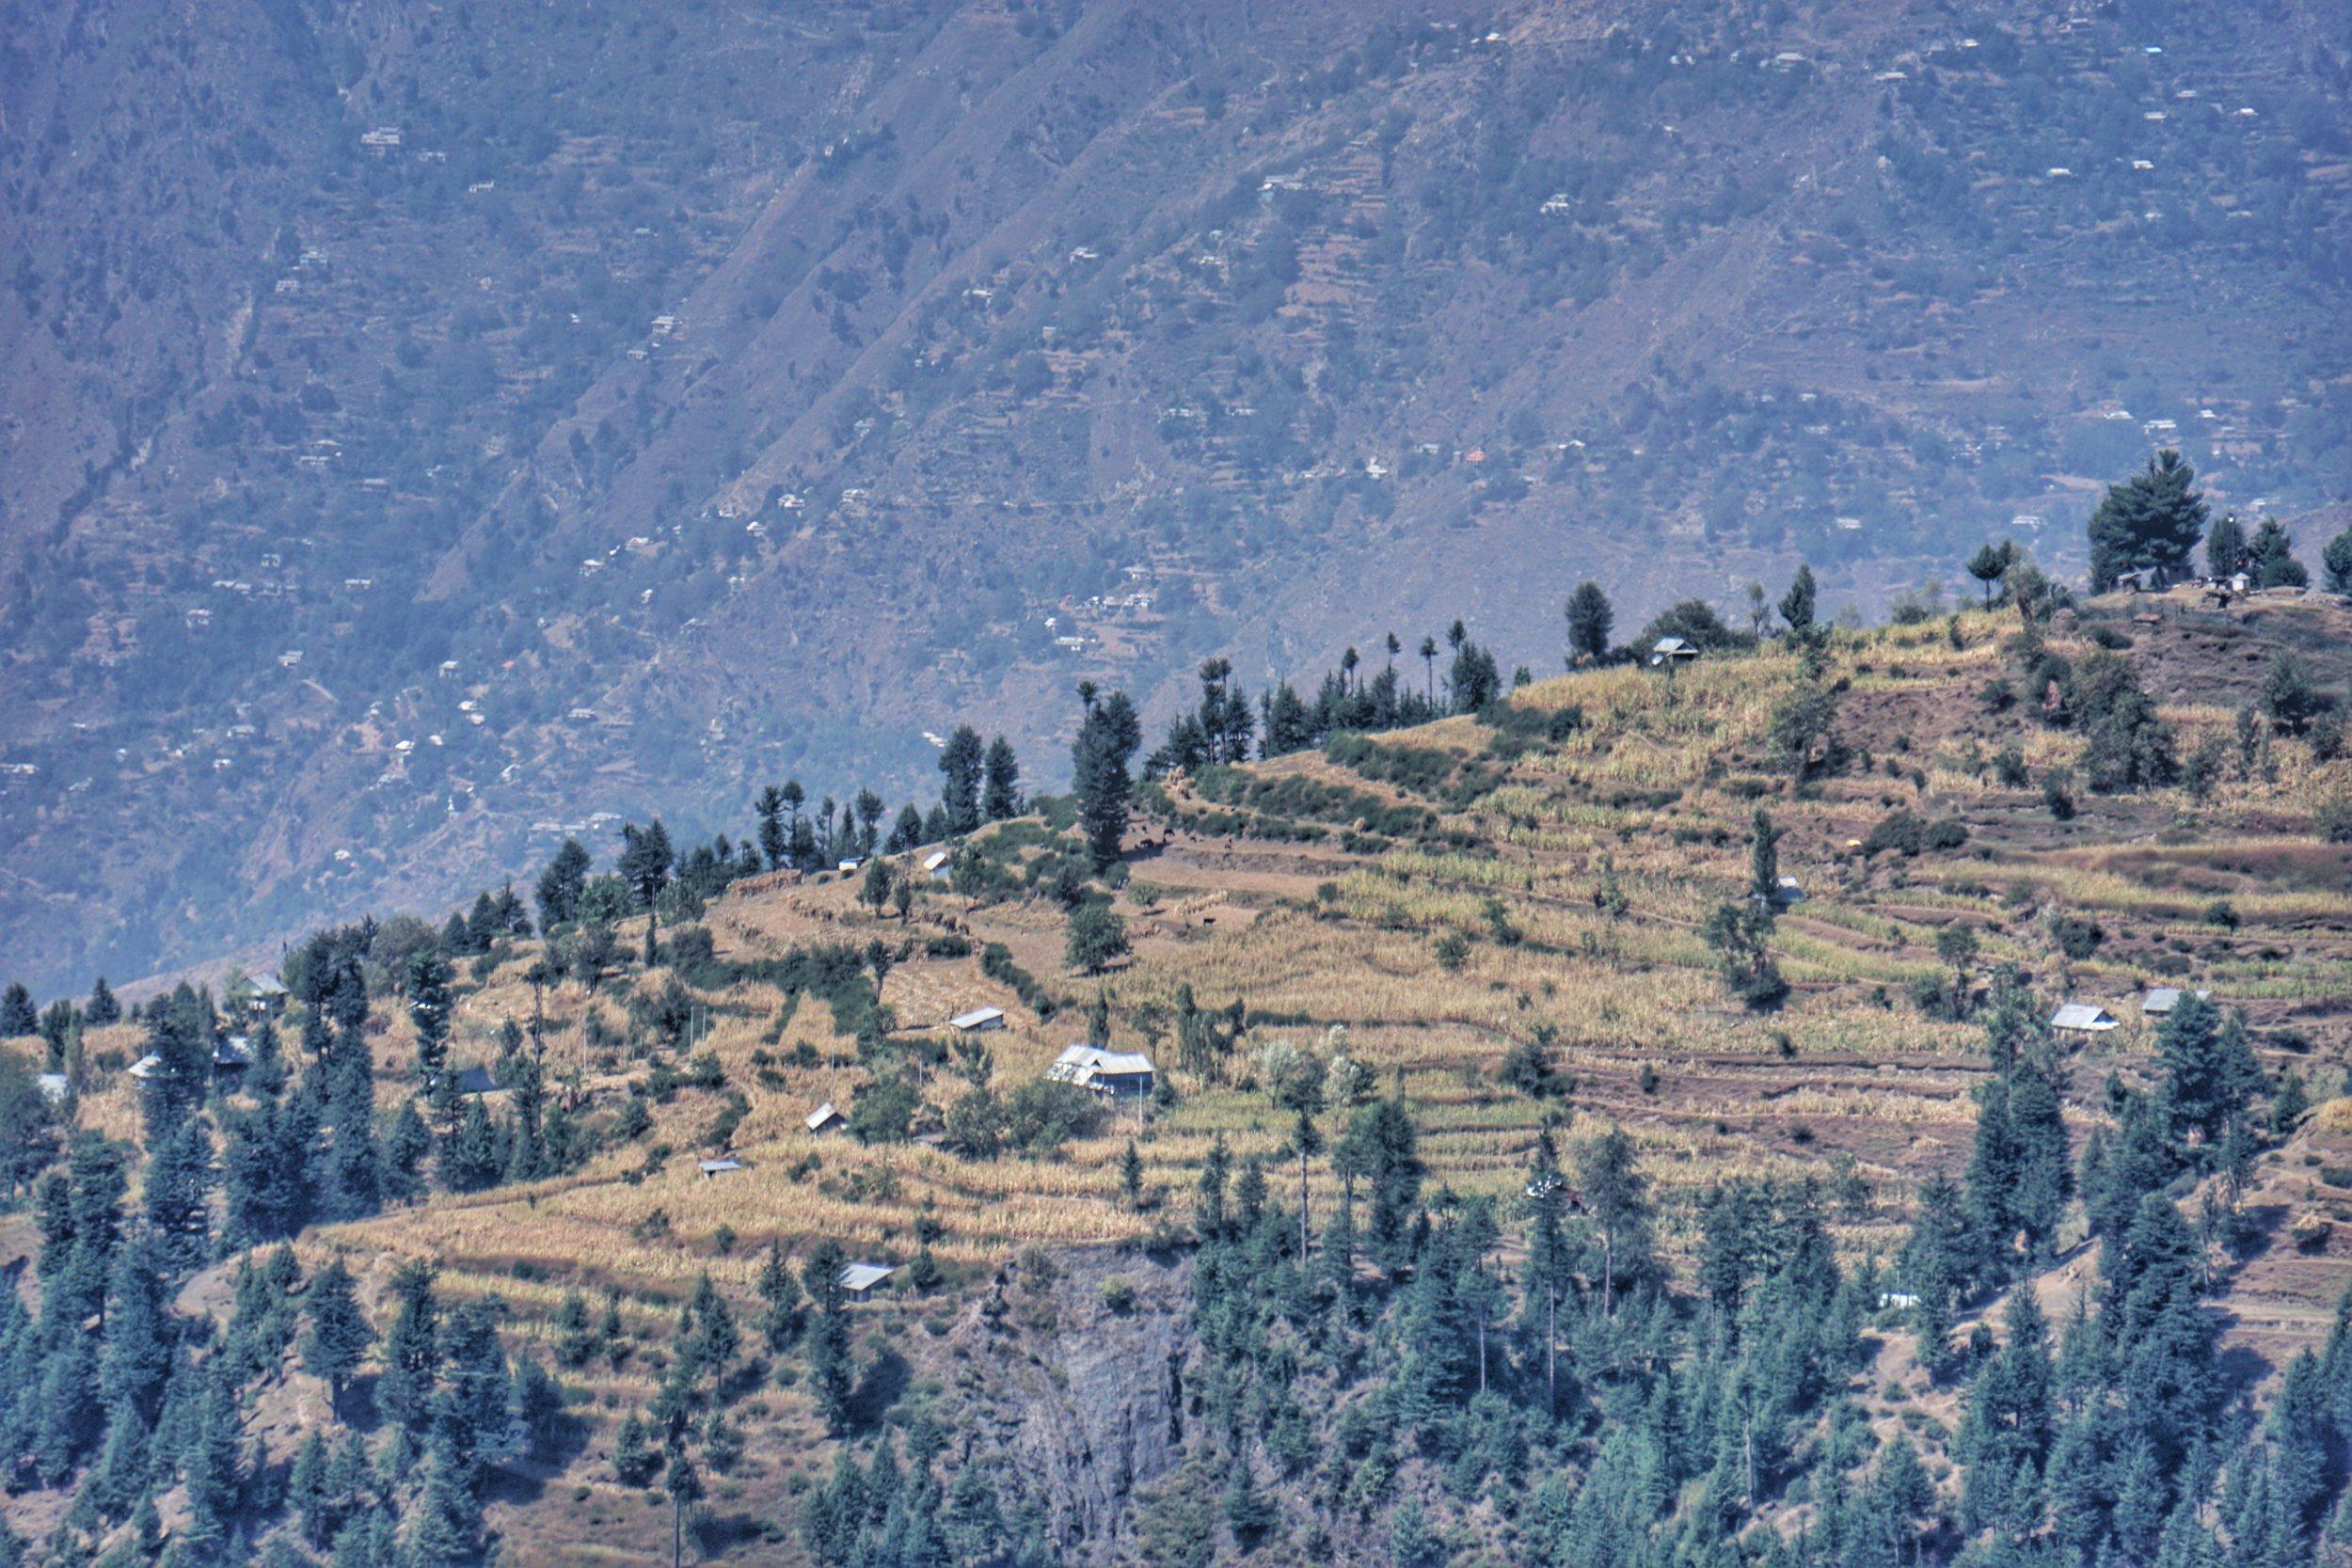 tulail-leepa-seemari-keran-kupwara-kashmir-4